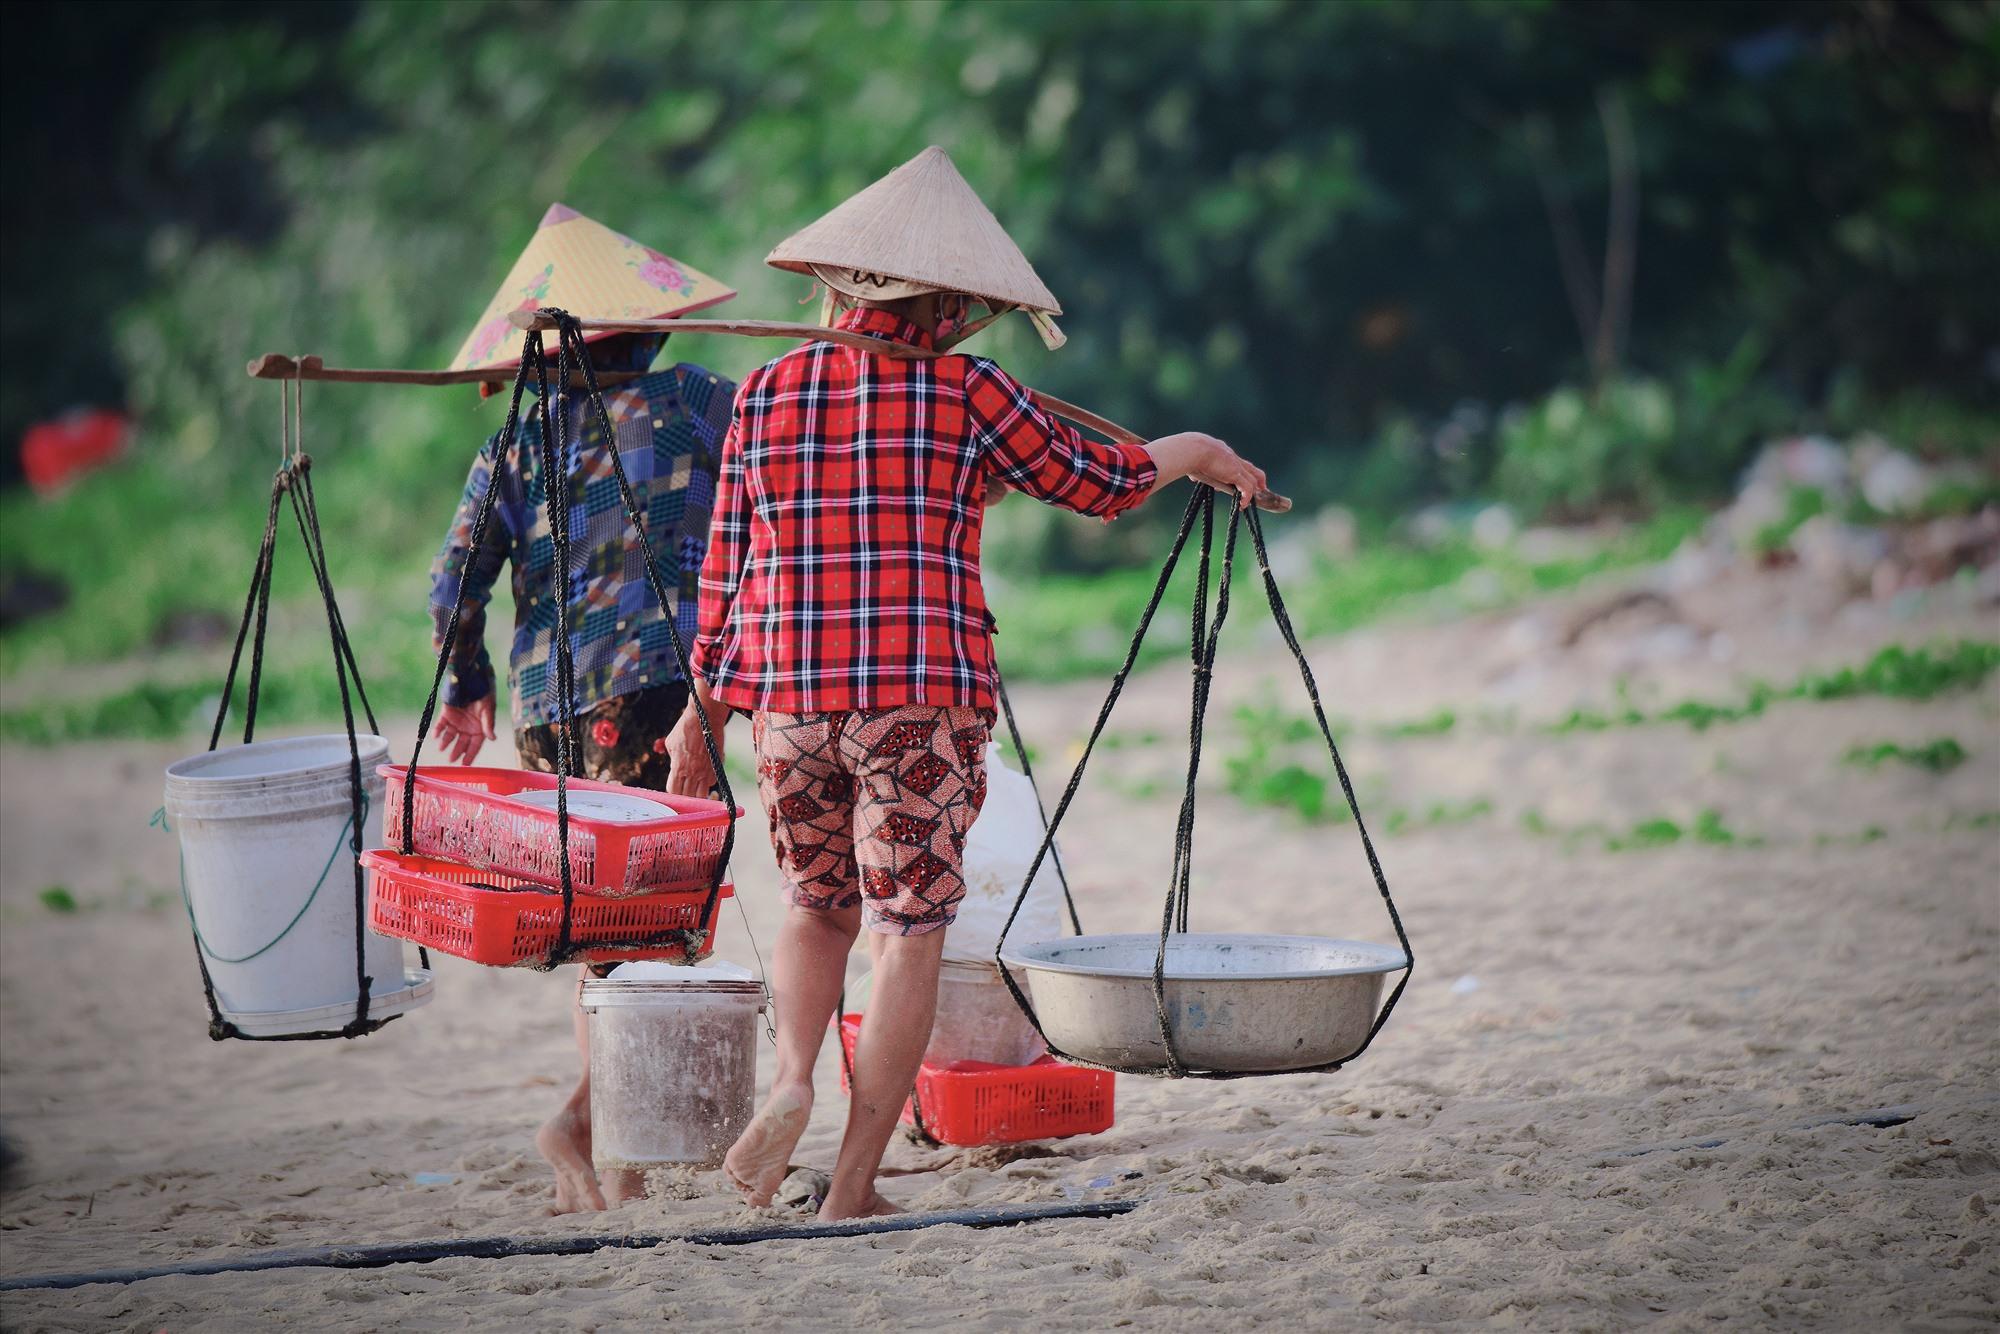 Những đôi chân thoăn thoắt của các mẹ, các chị lại tỏa đi khắp làng quê để phục vụ người tiêu dùng...